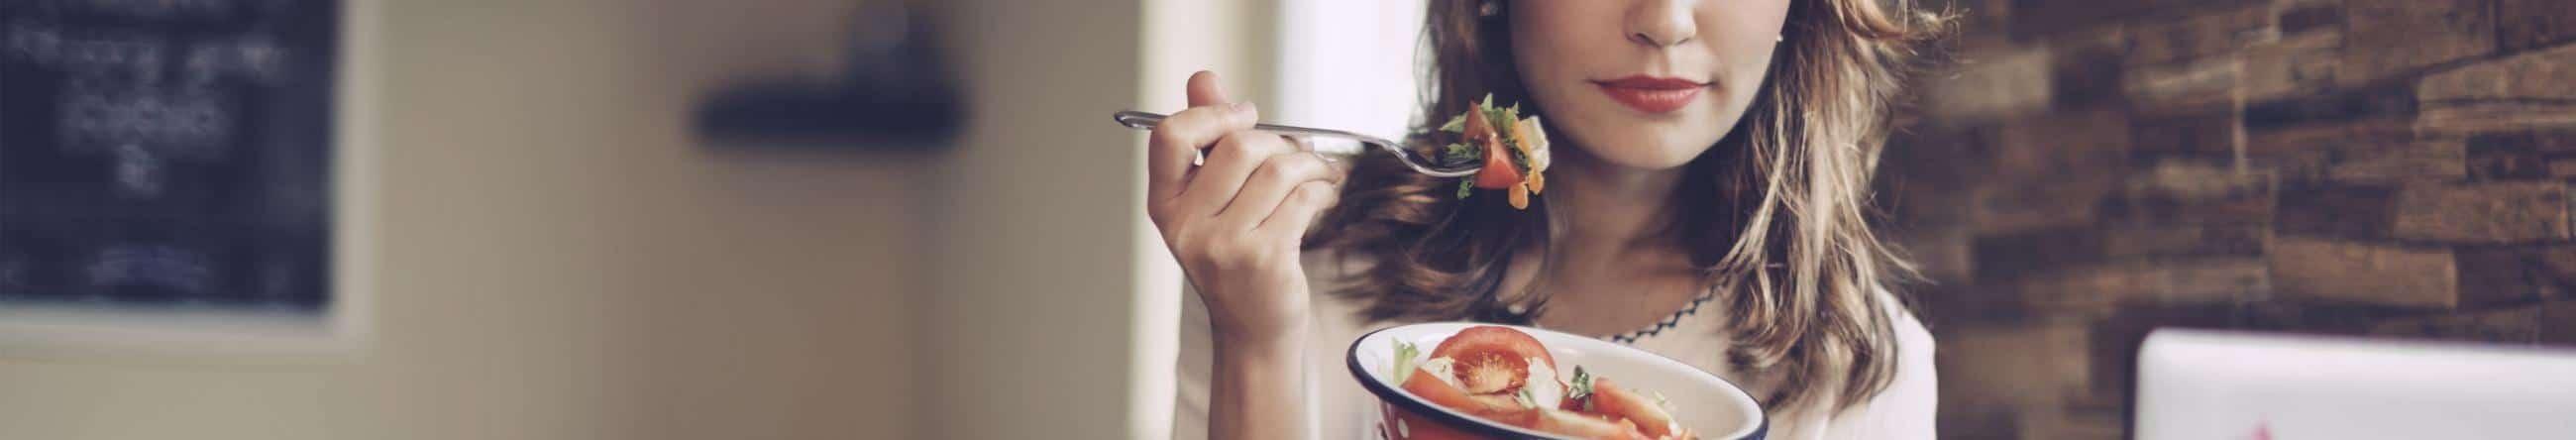 Télétravail alimentation saine